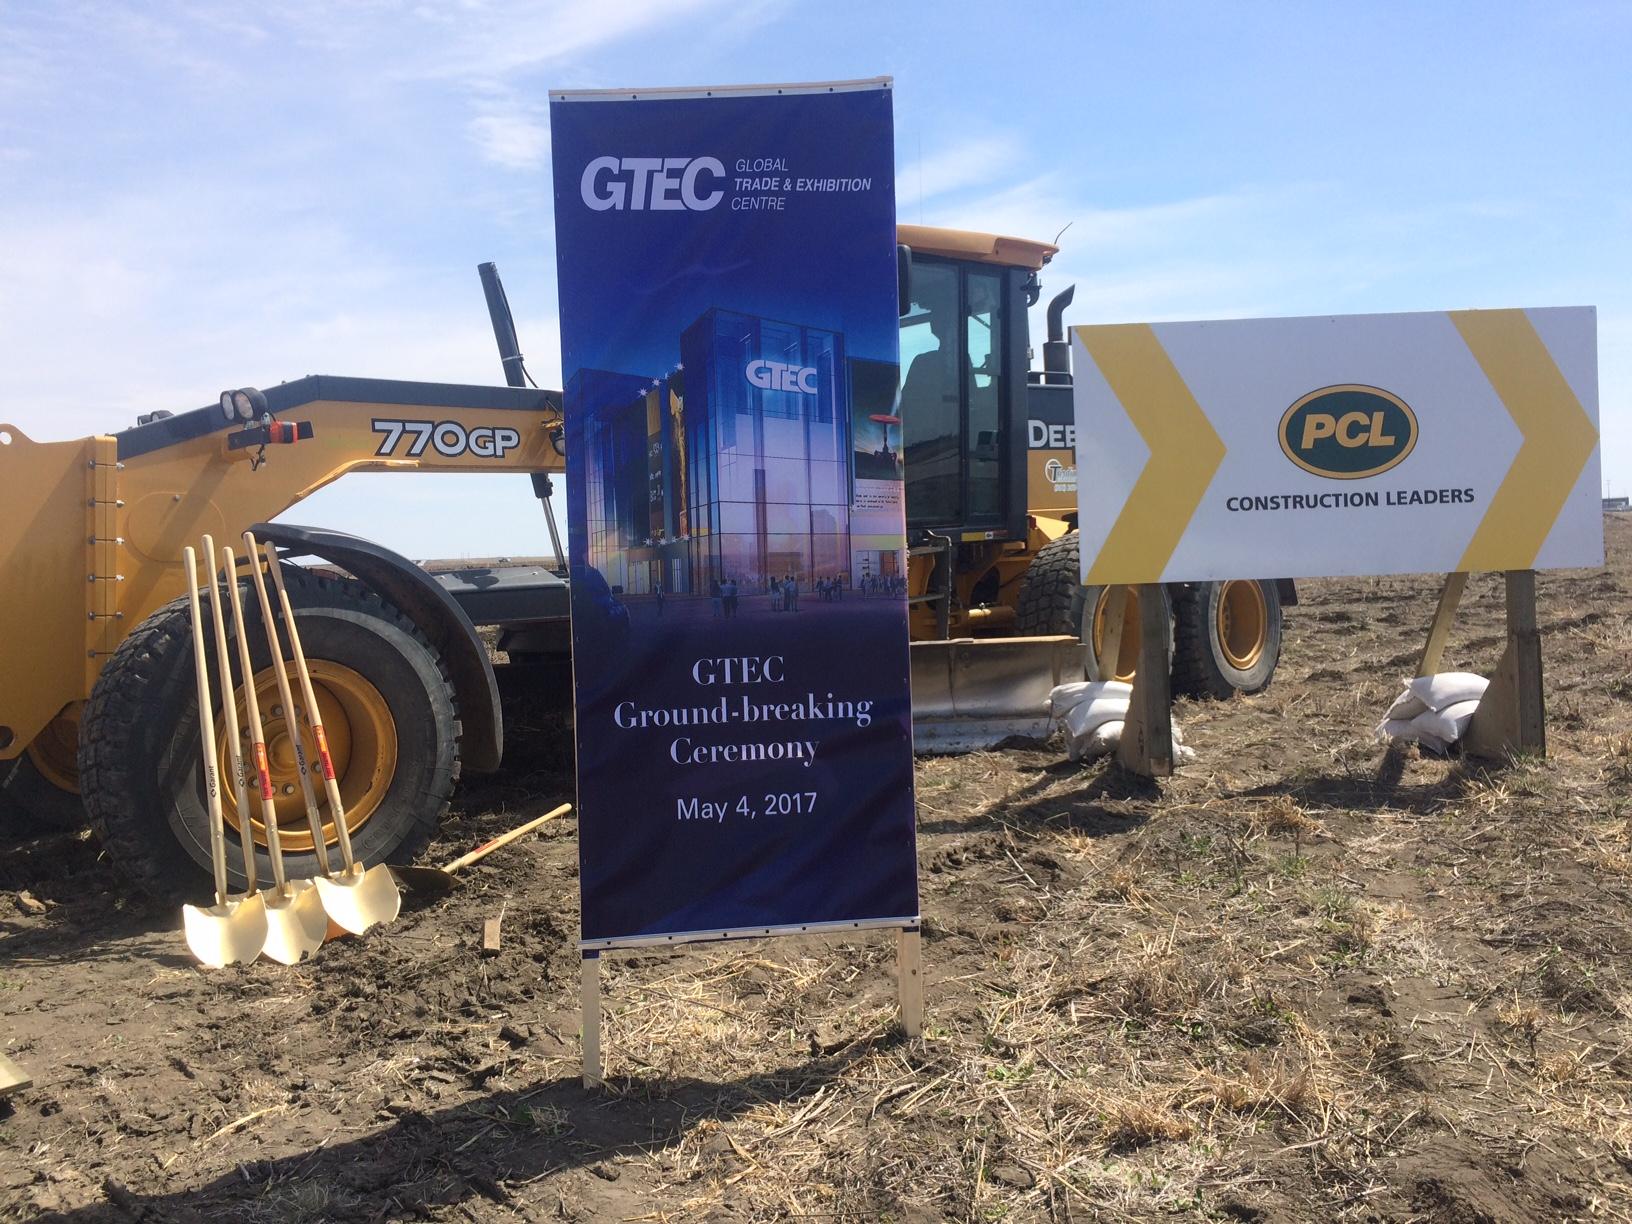 Crews break ground on new Global Trade Exhibition Centre in West Regina